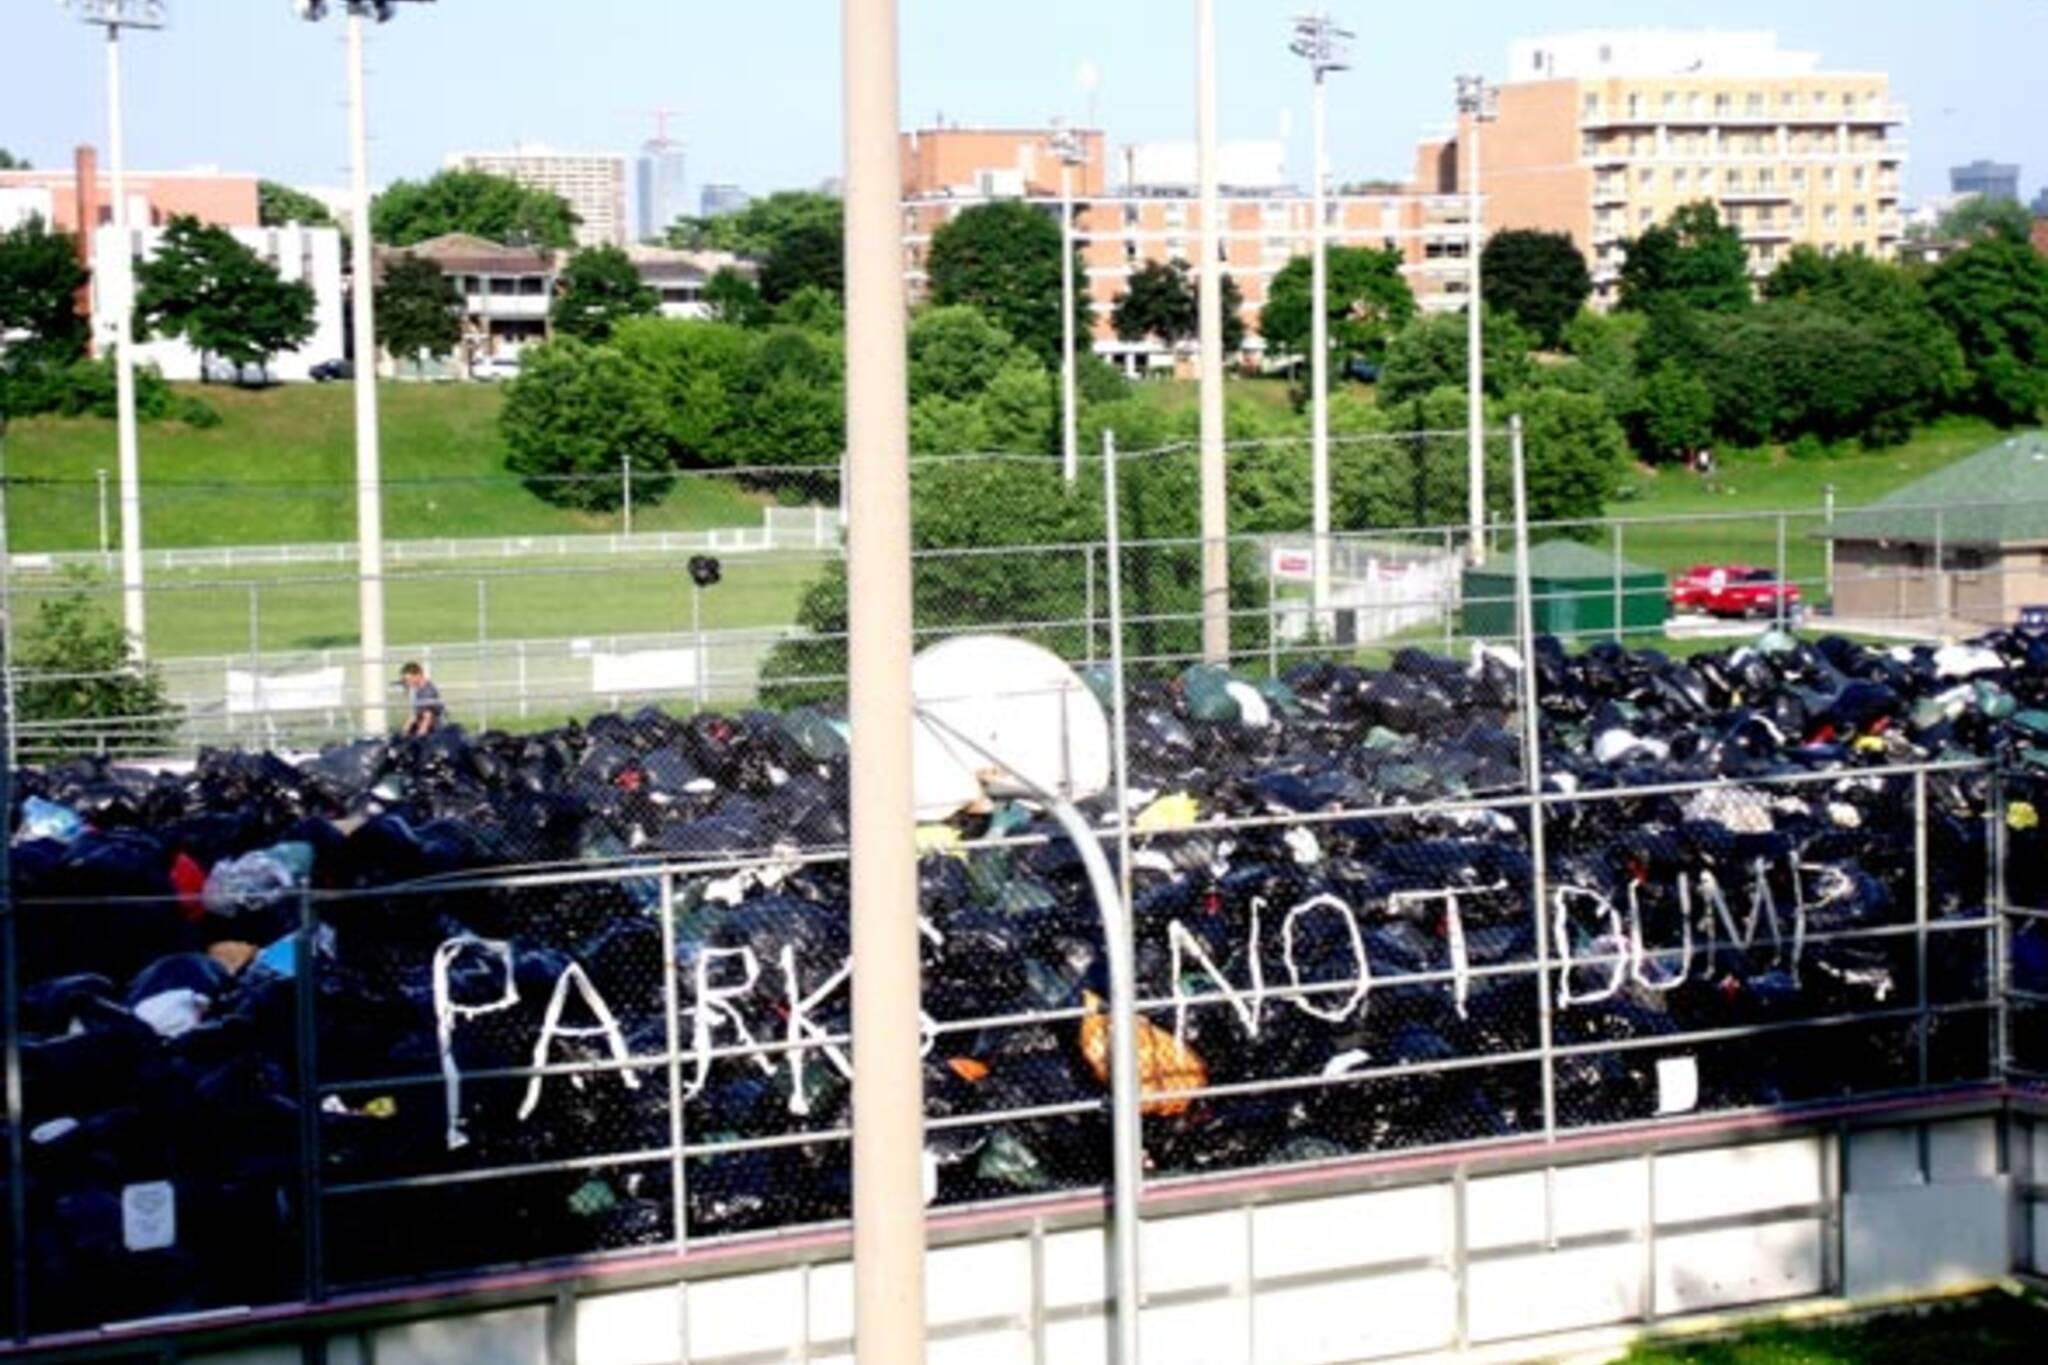 20090707-park-not-dump.jpg